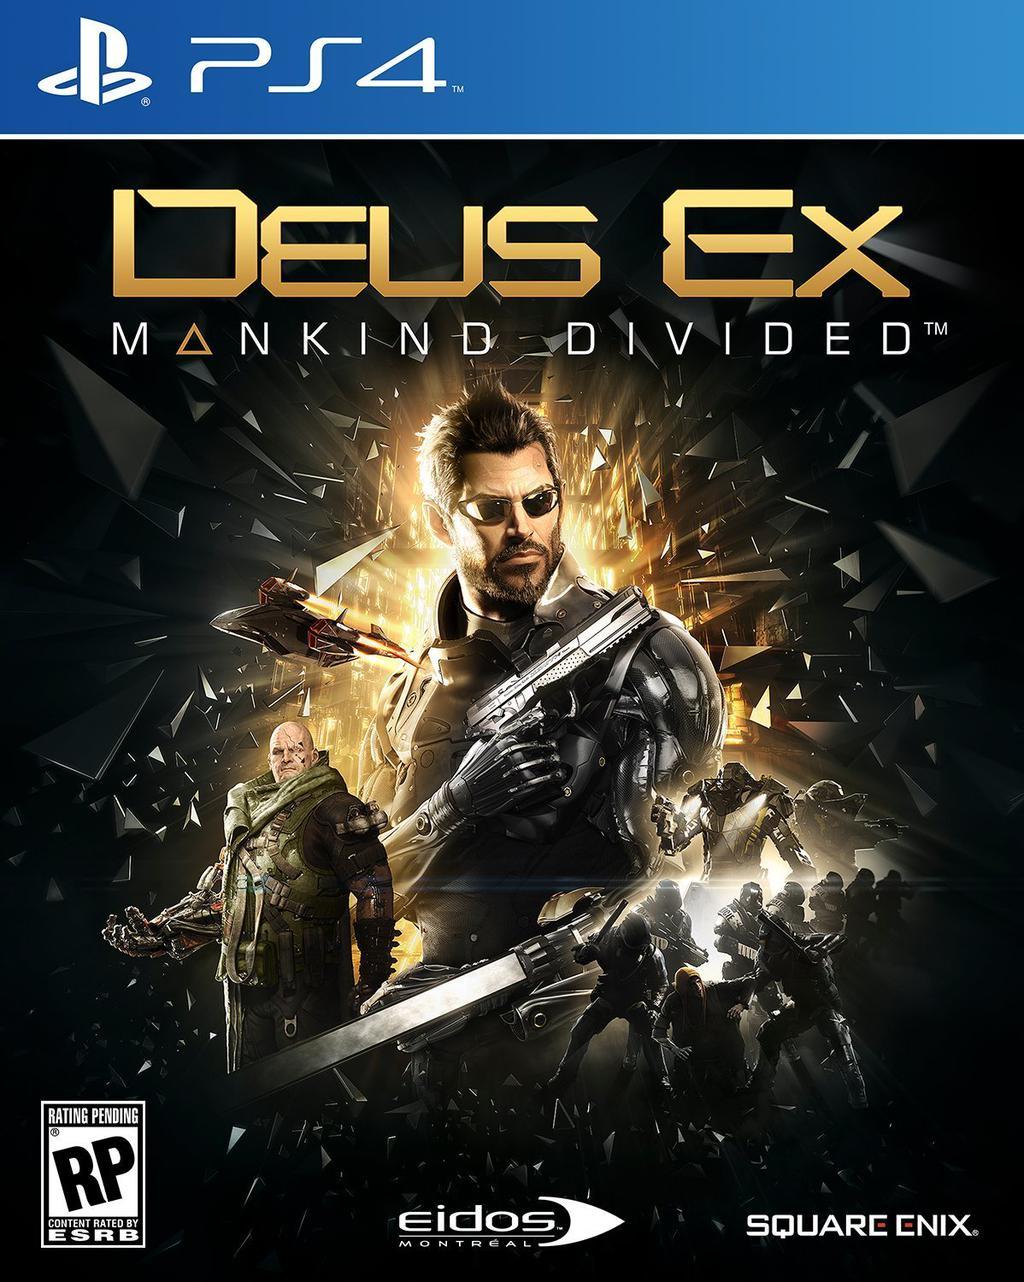 Deus Ex Mankind Divided Trailer